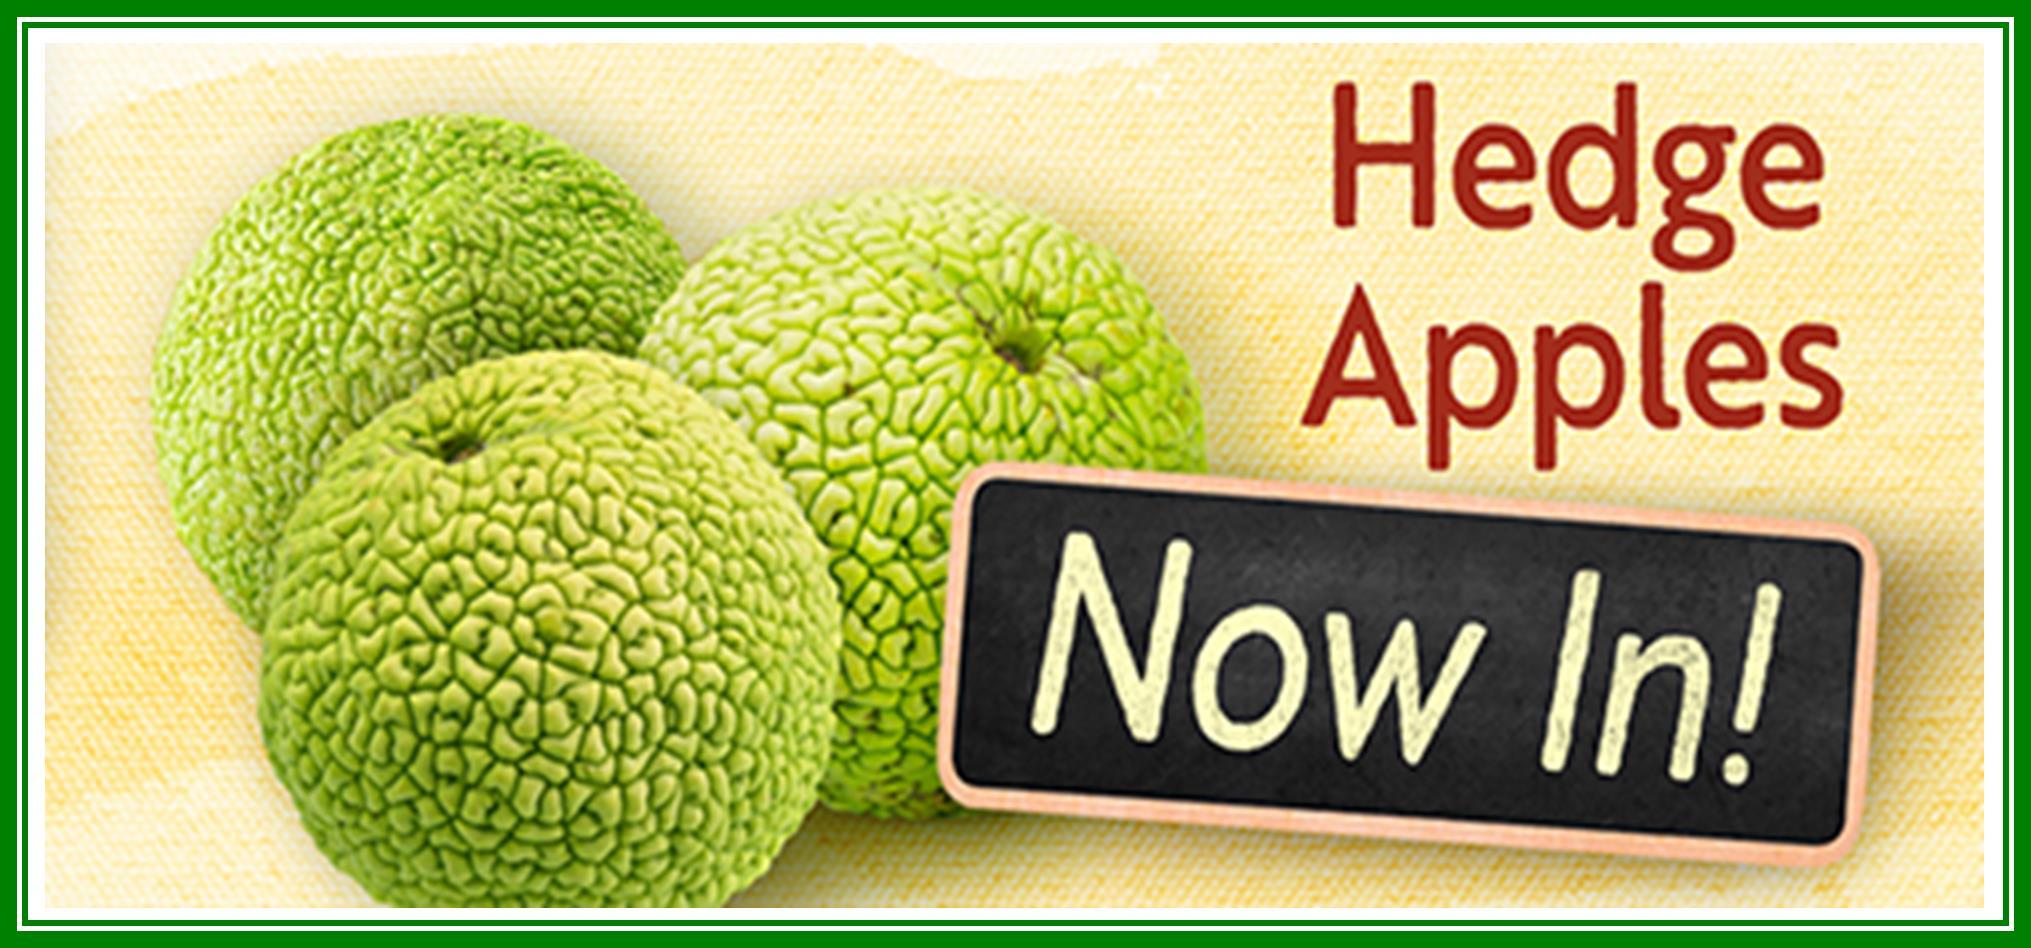 Hedge Apples Now In.jpg